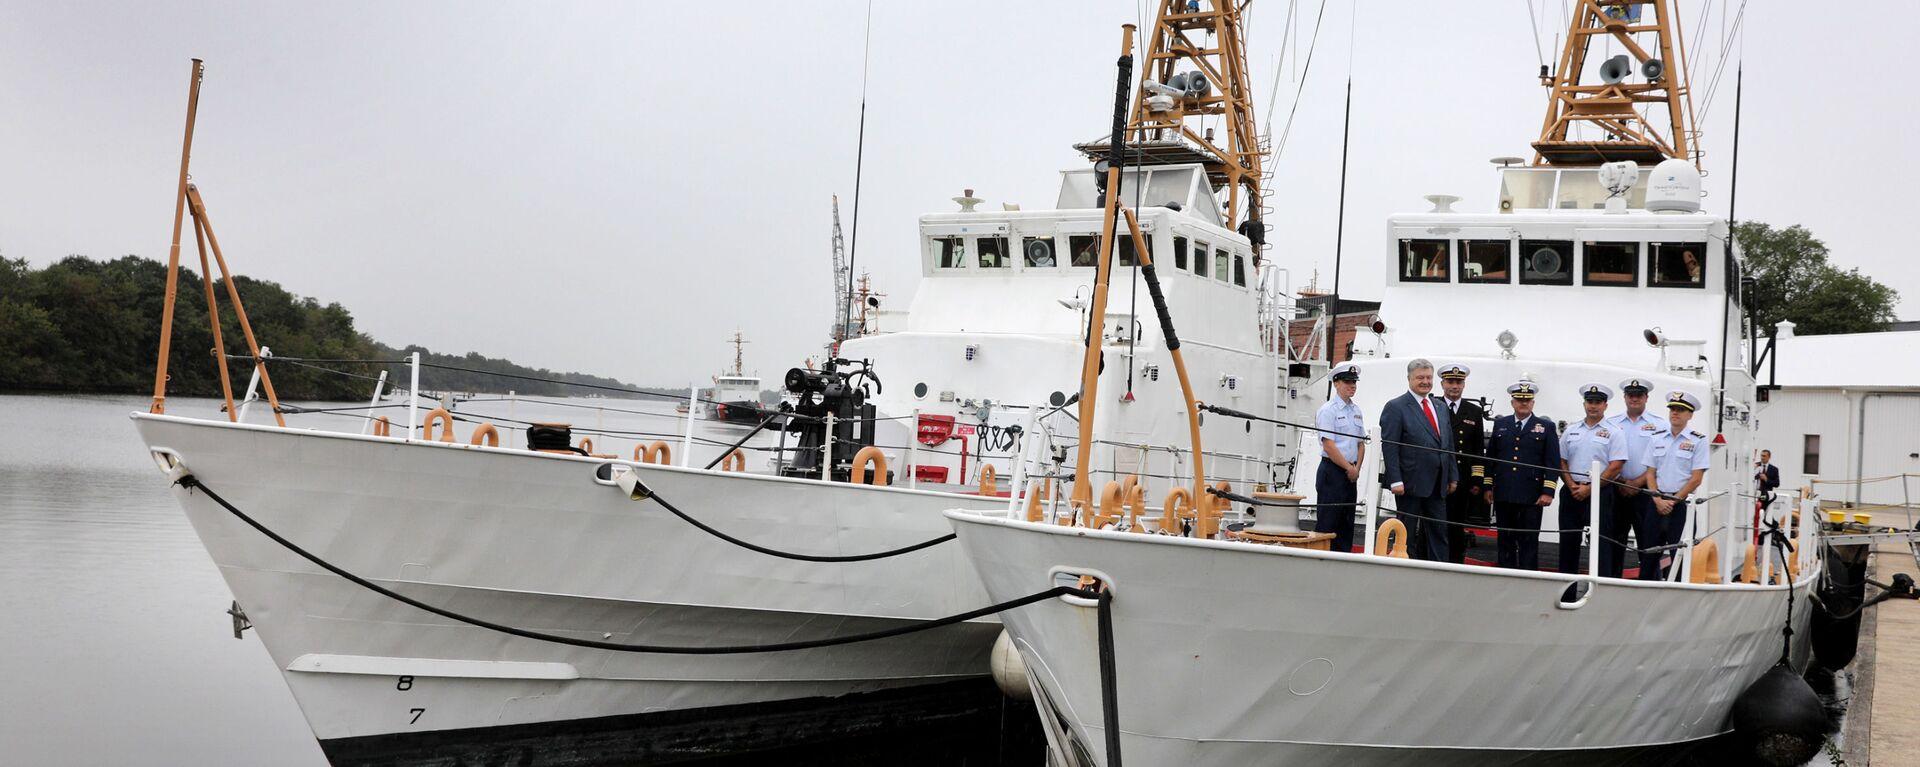 Церемония передачи Украине катеров класса Island на базе береговой охраны США Балтимор, 27 сентября 2018 - Sputnik Латвия, 1920, 11.11.2019